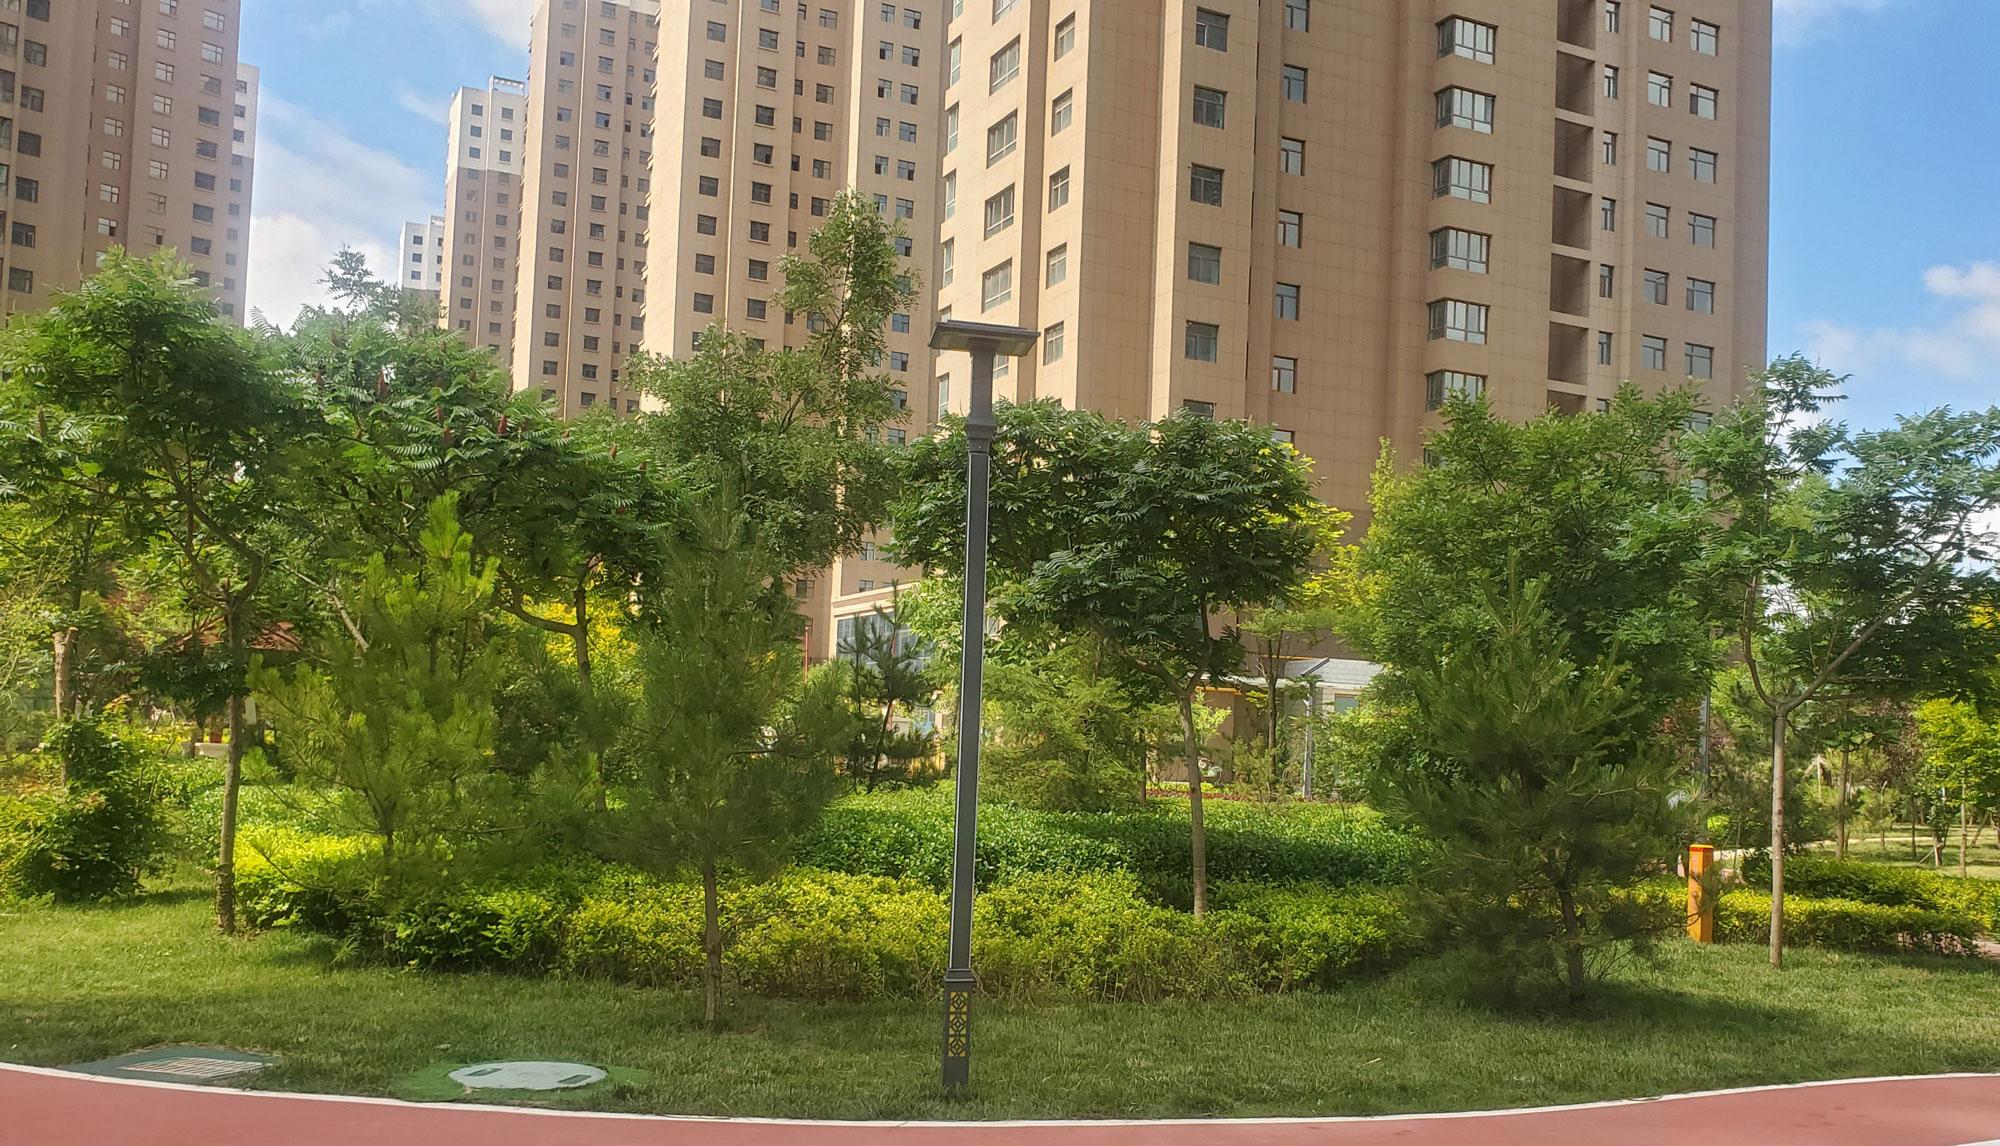 紫云名都小區景觀綠化工程